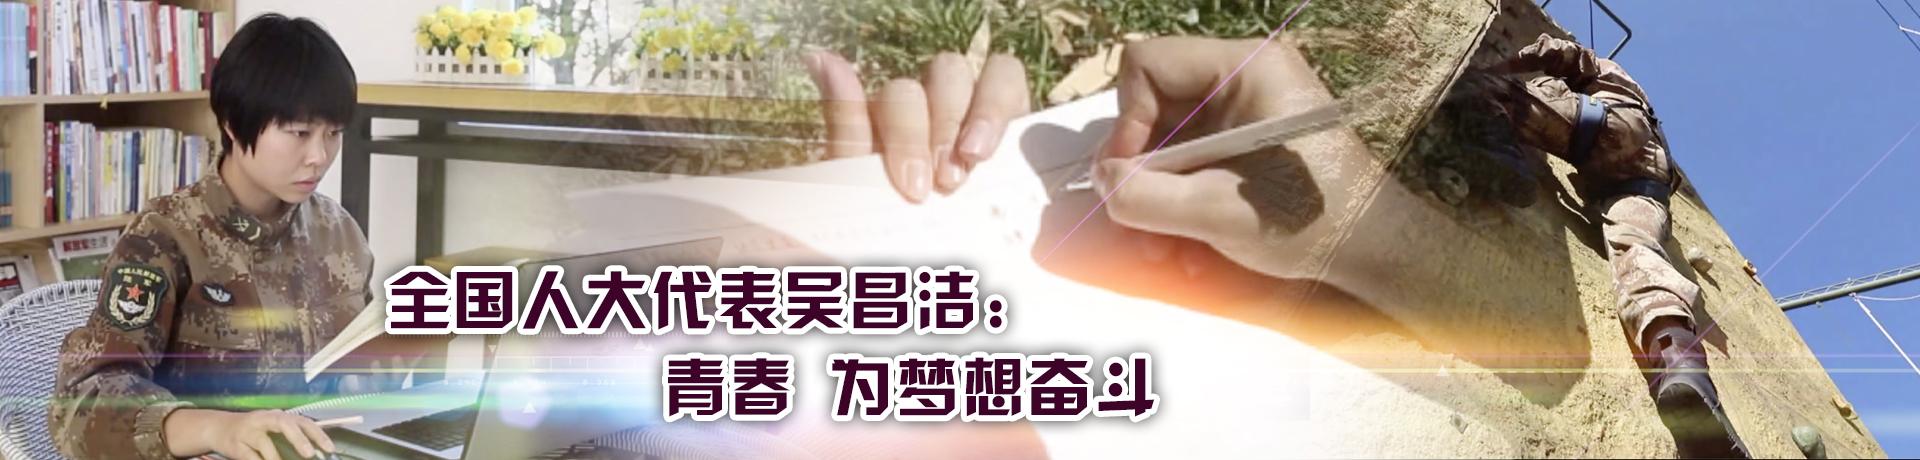 全国人大代表吴昌洁:青春 为梦想奋斗